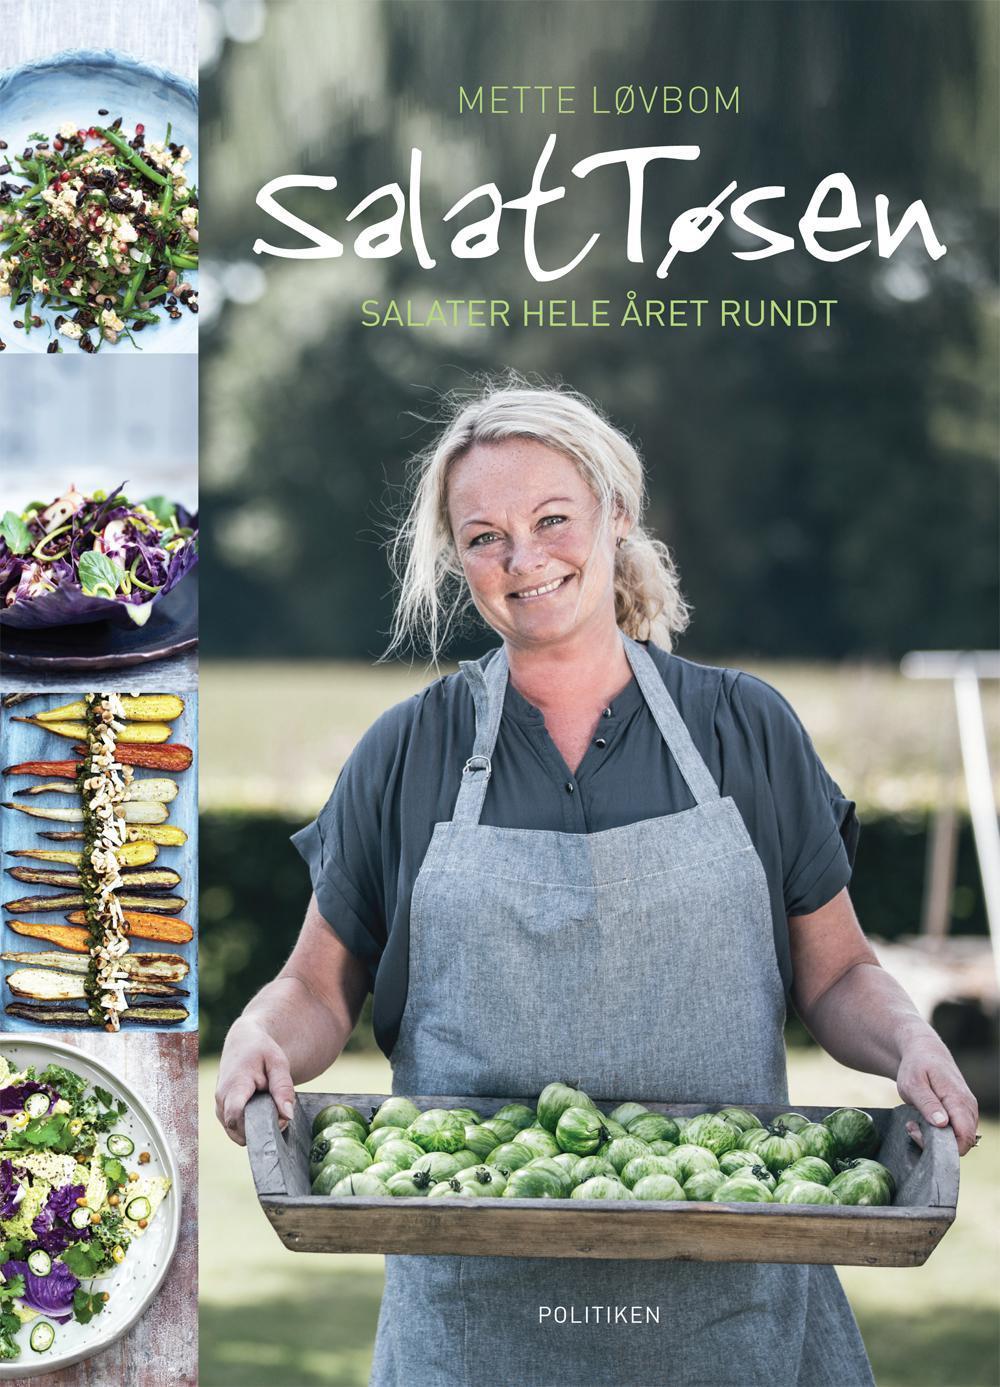 SalatTøsen - Mette Løvbom - Bøger - Politikens Forlag - 9788740026498 - April 26, 2016